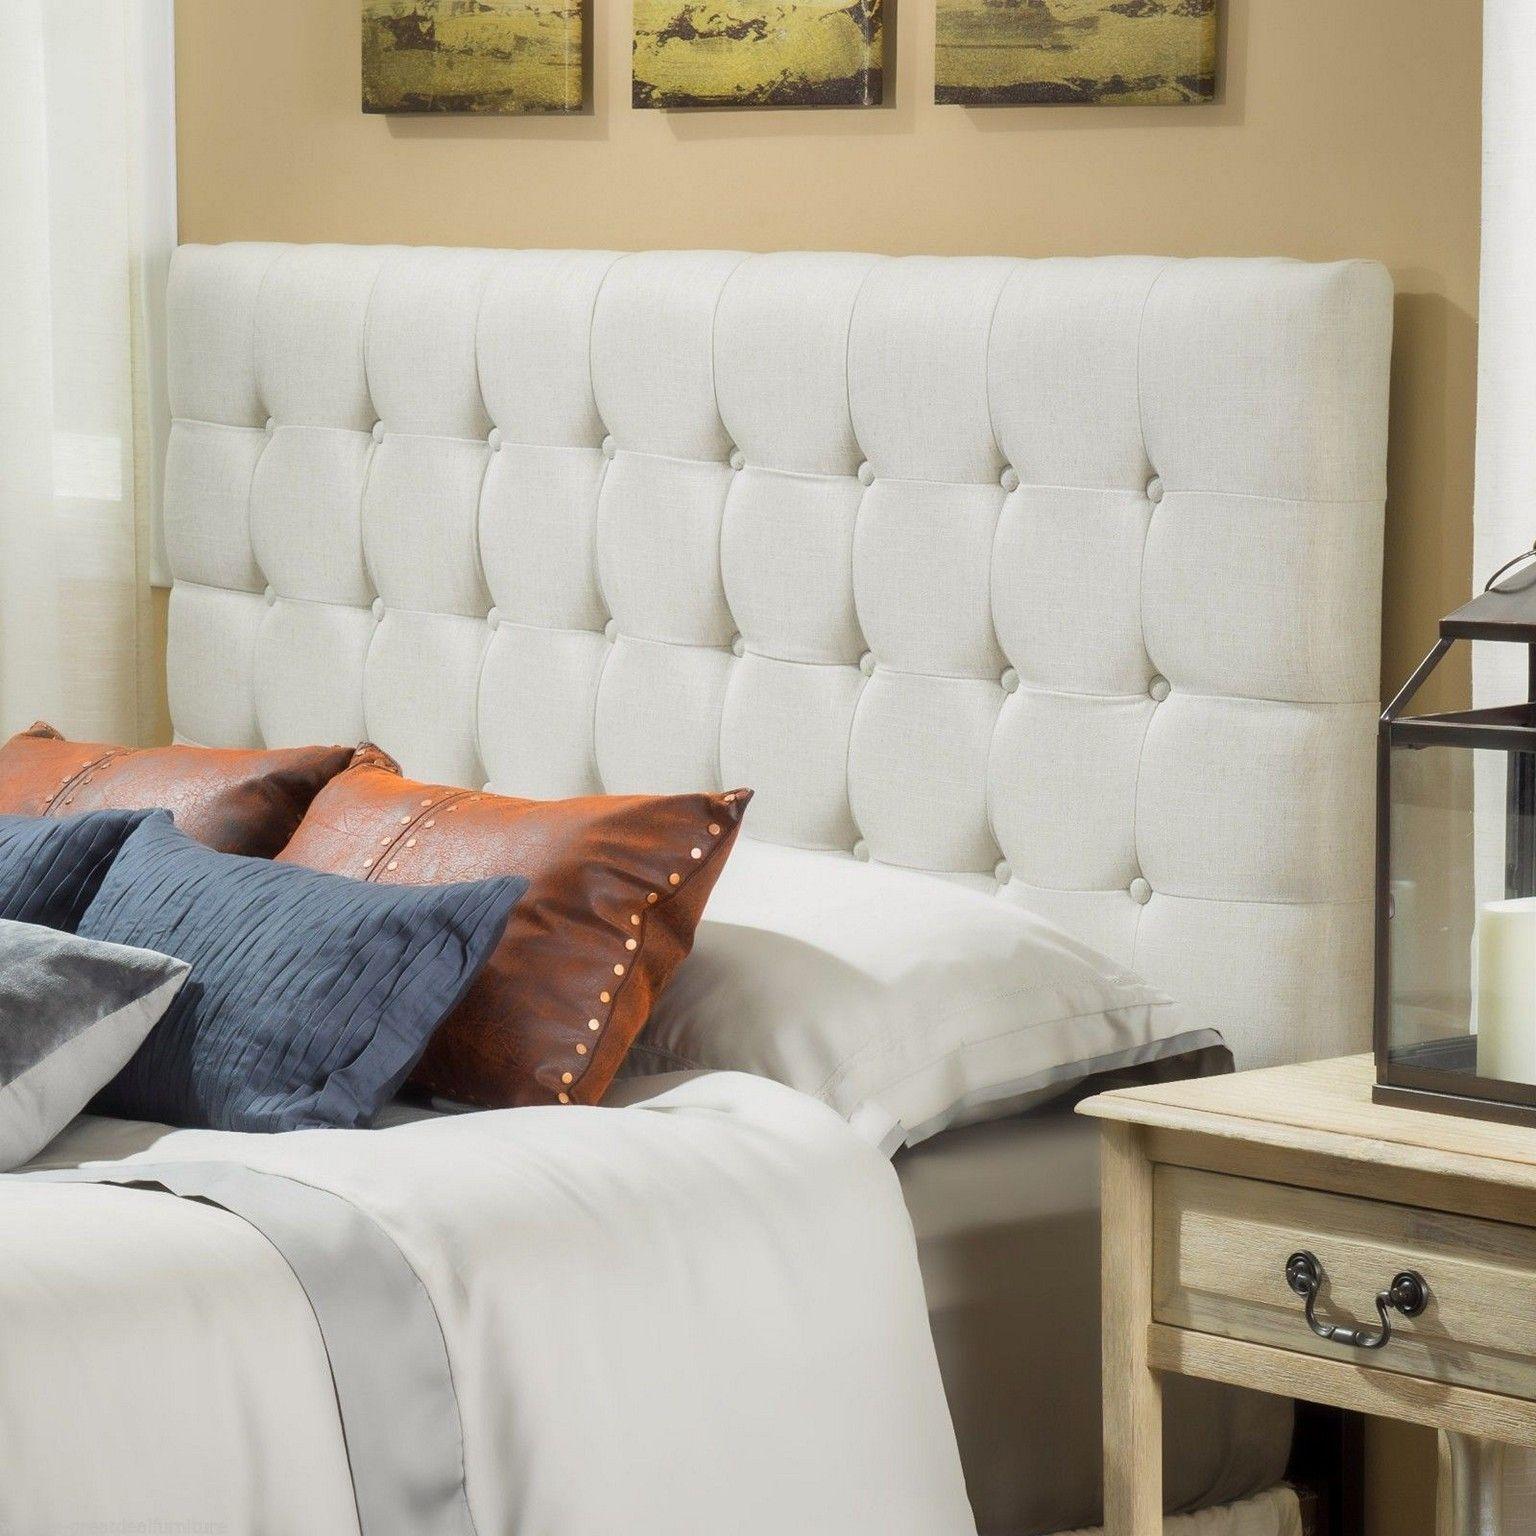 DIY Tufted Headboard King & DIY Tufted Headboard King | Headboards | Pinterest | Headboard ... pillowsntoast.com